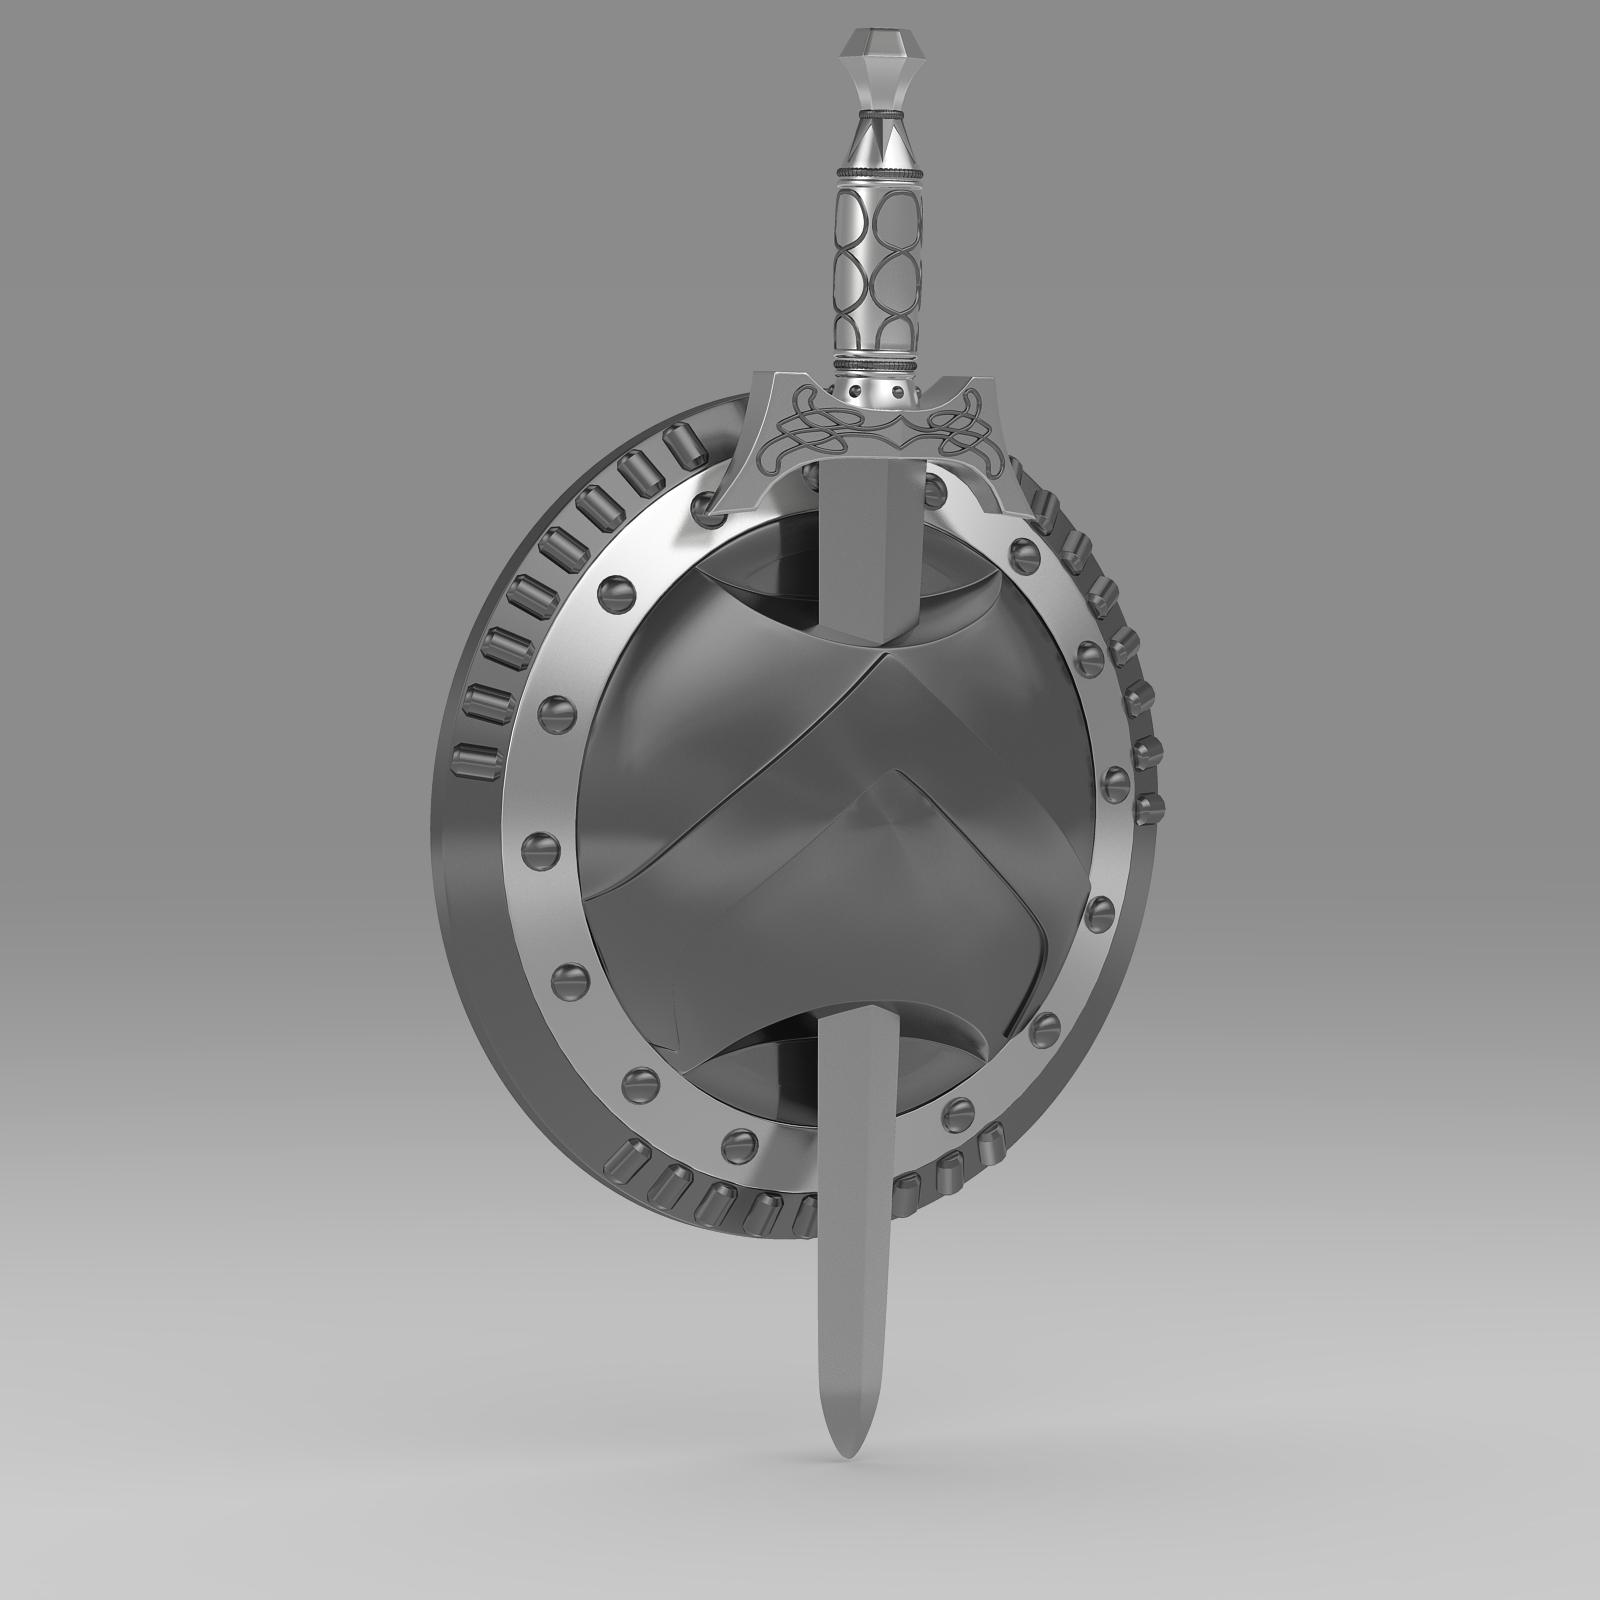 Shield and sword v1 3d model 3ds fbx c4d lwo lws lw ma mb   obj 221427